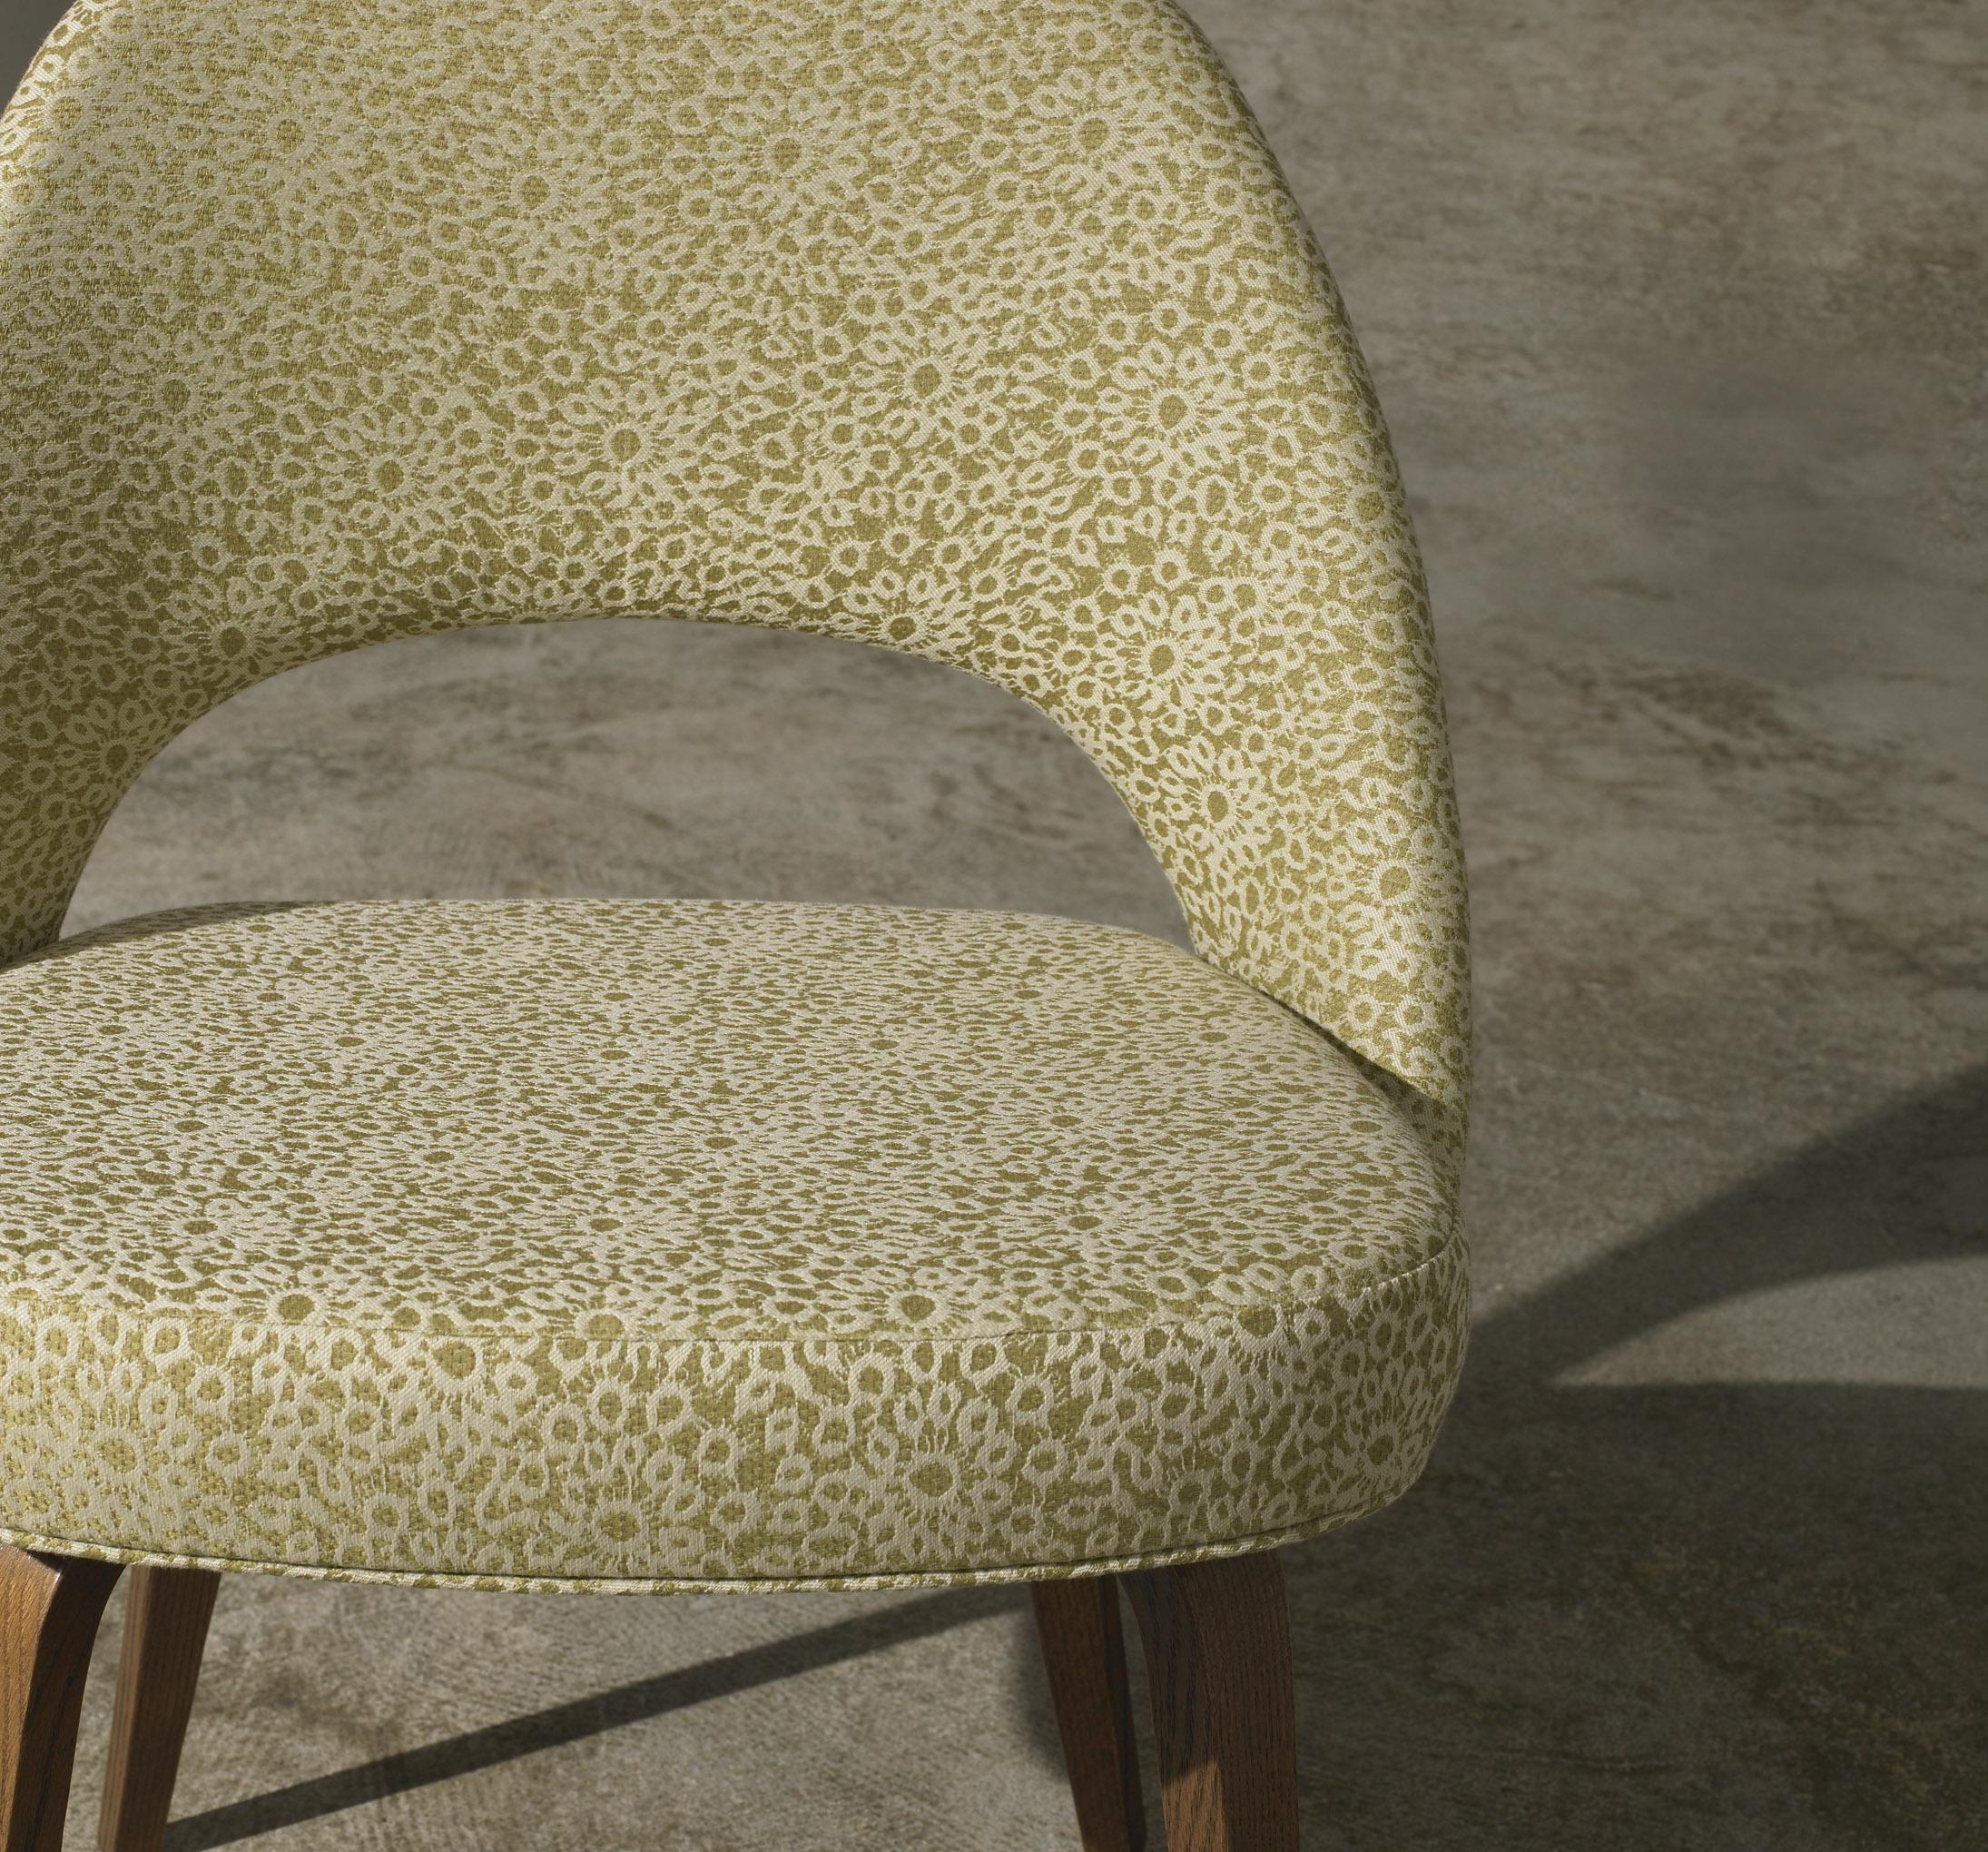 Biota upholstery knolltextiles - Bezugsstoffe fur polstermobel umwelt knoll ...